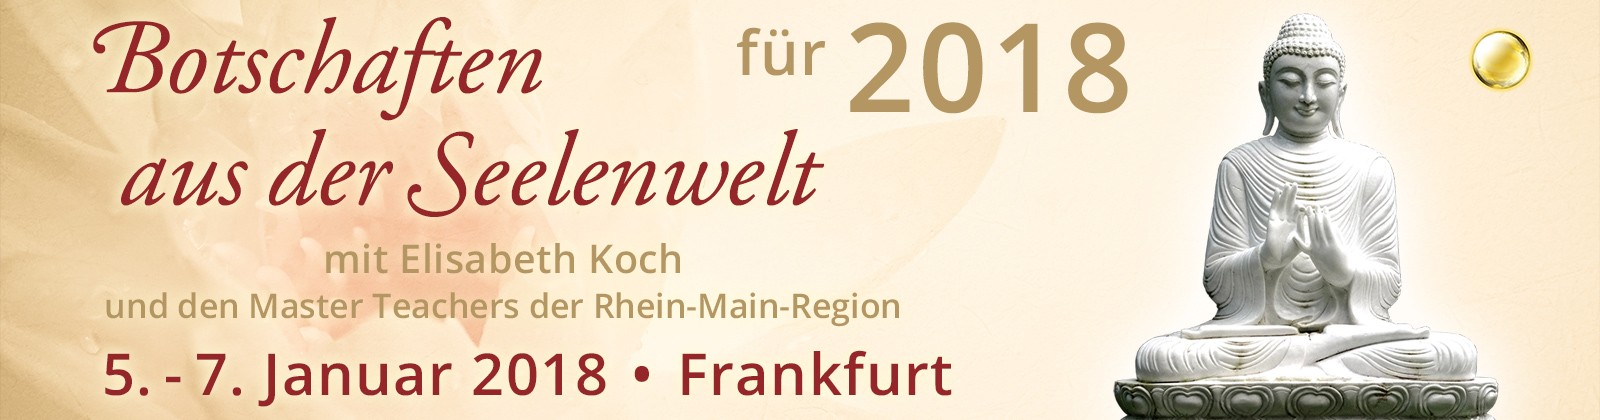 Botschaften aus der Seelenwelt für 2018   Frankfurt am Main